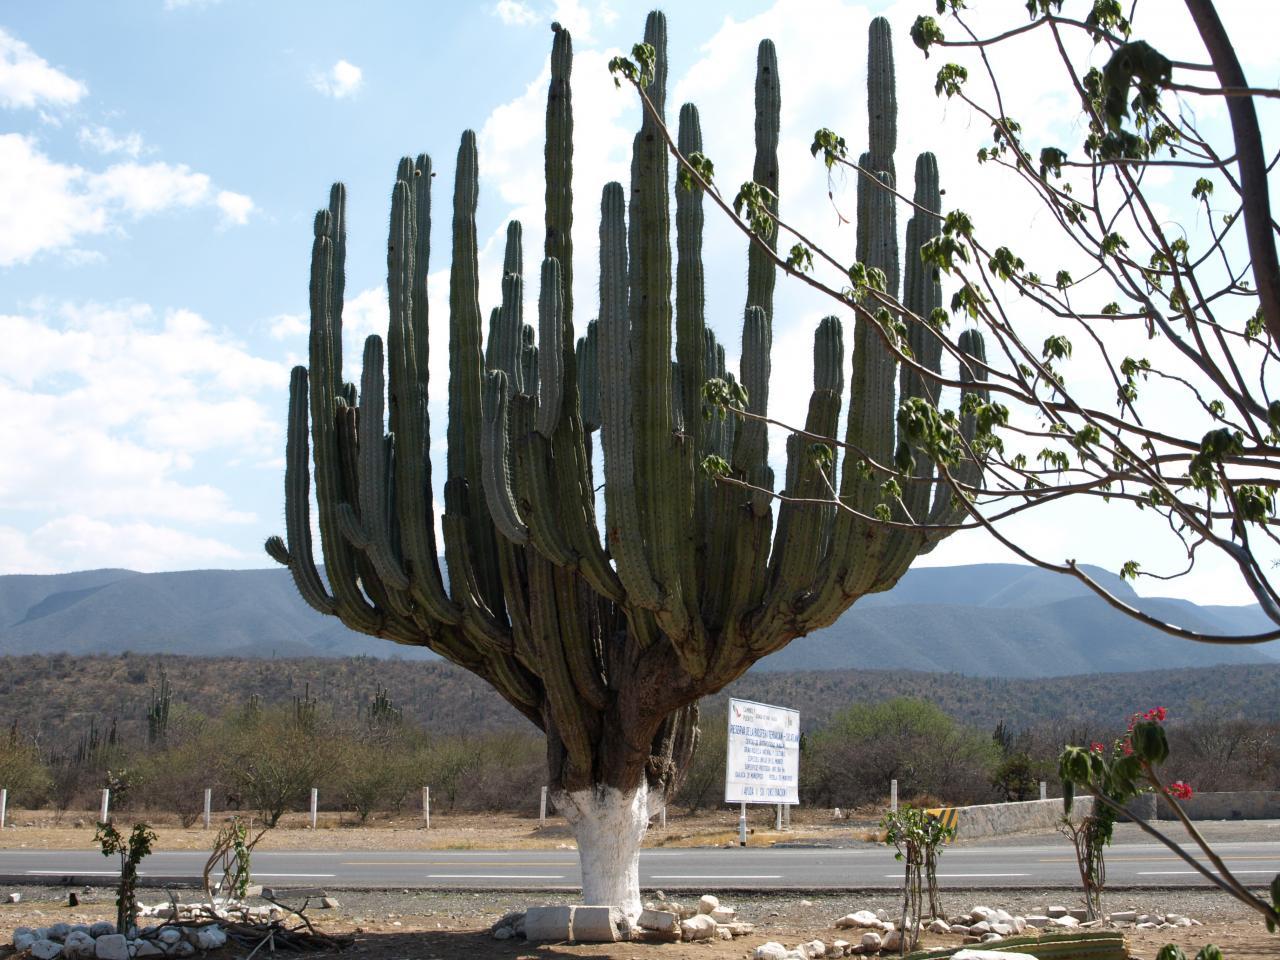 Cactus candélabre de la Sierra Madre